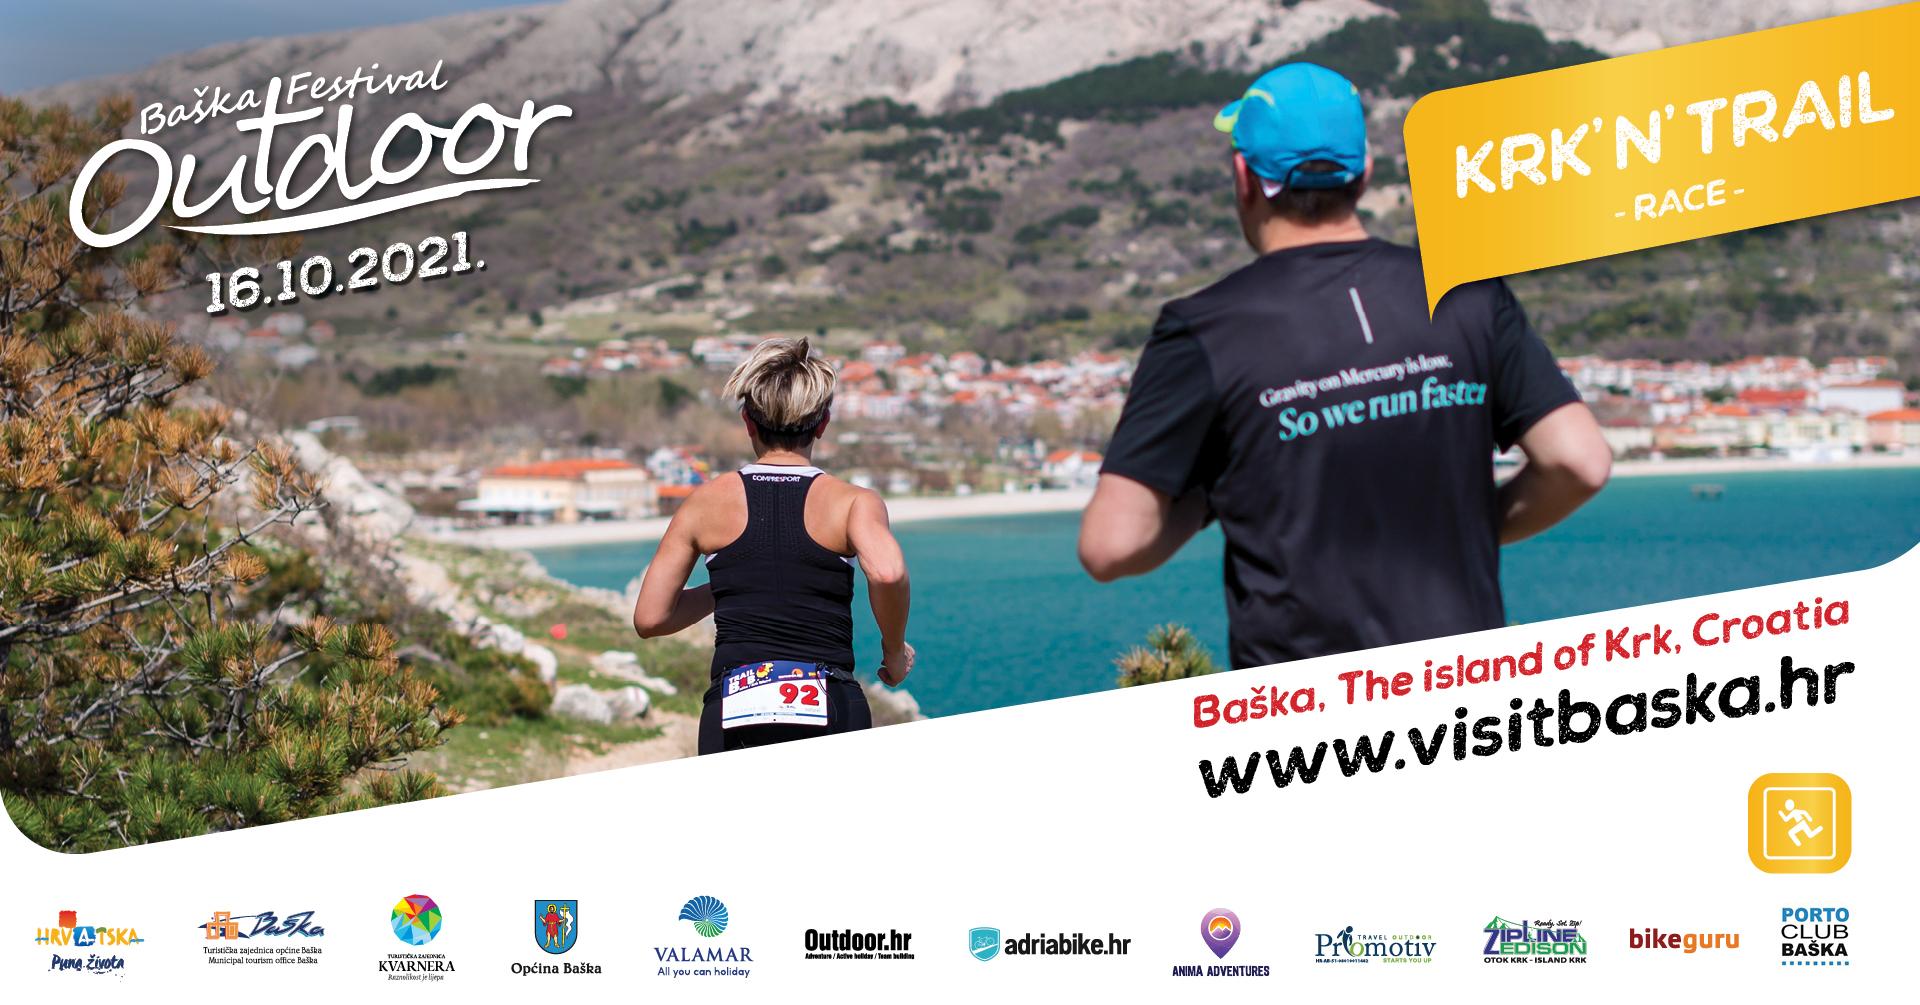 facebook_event Baska Outdoor 1920x1005 pix_trail.jpg